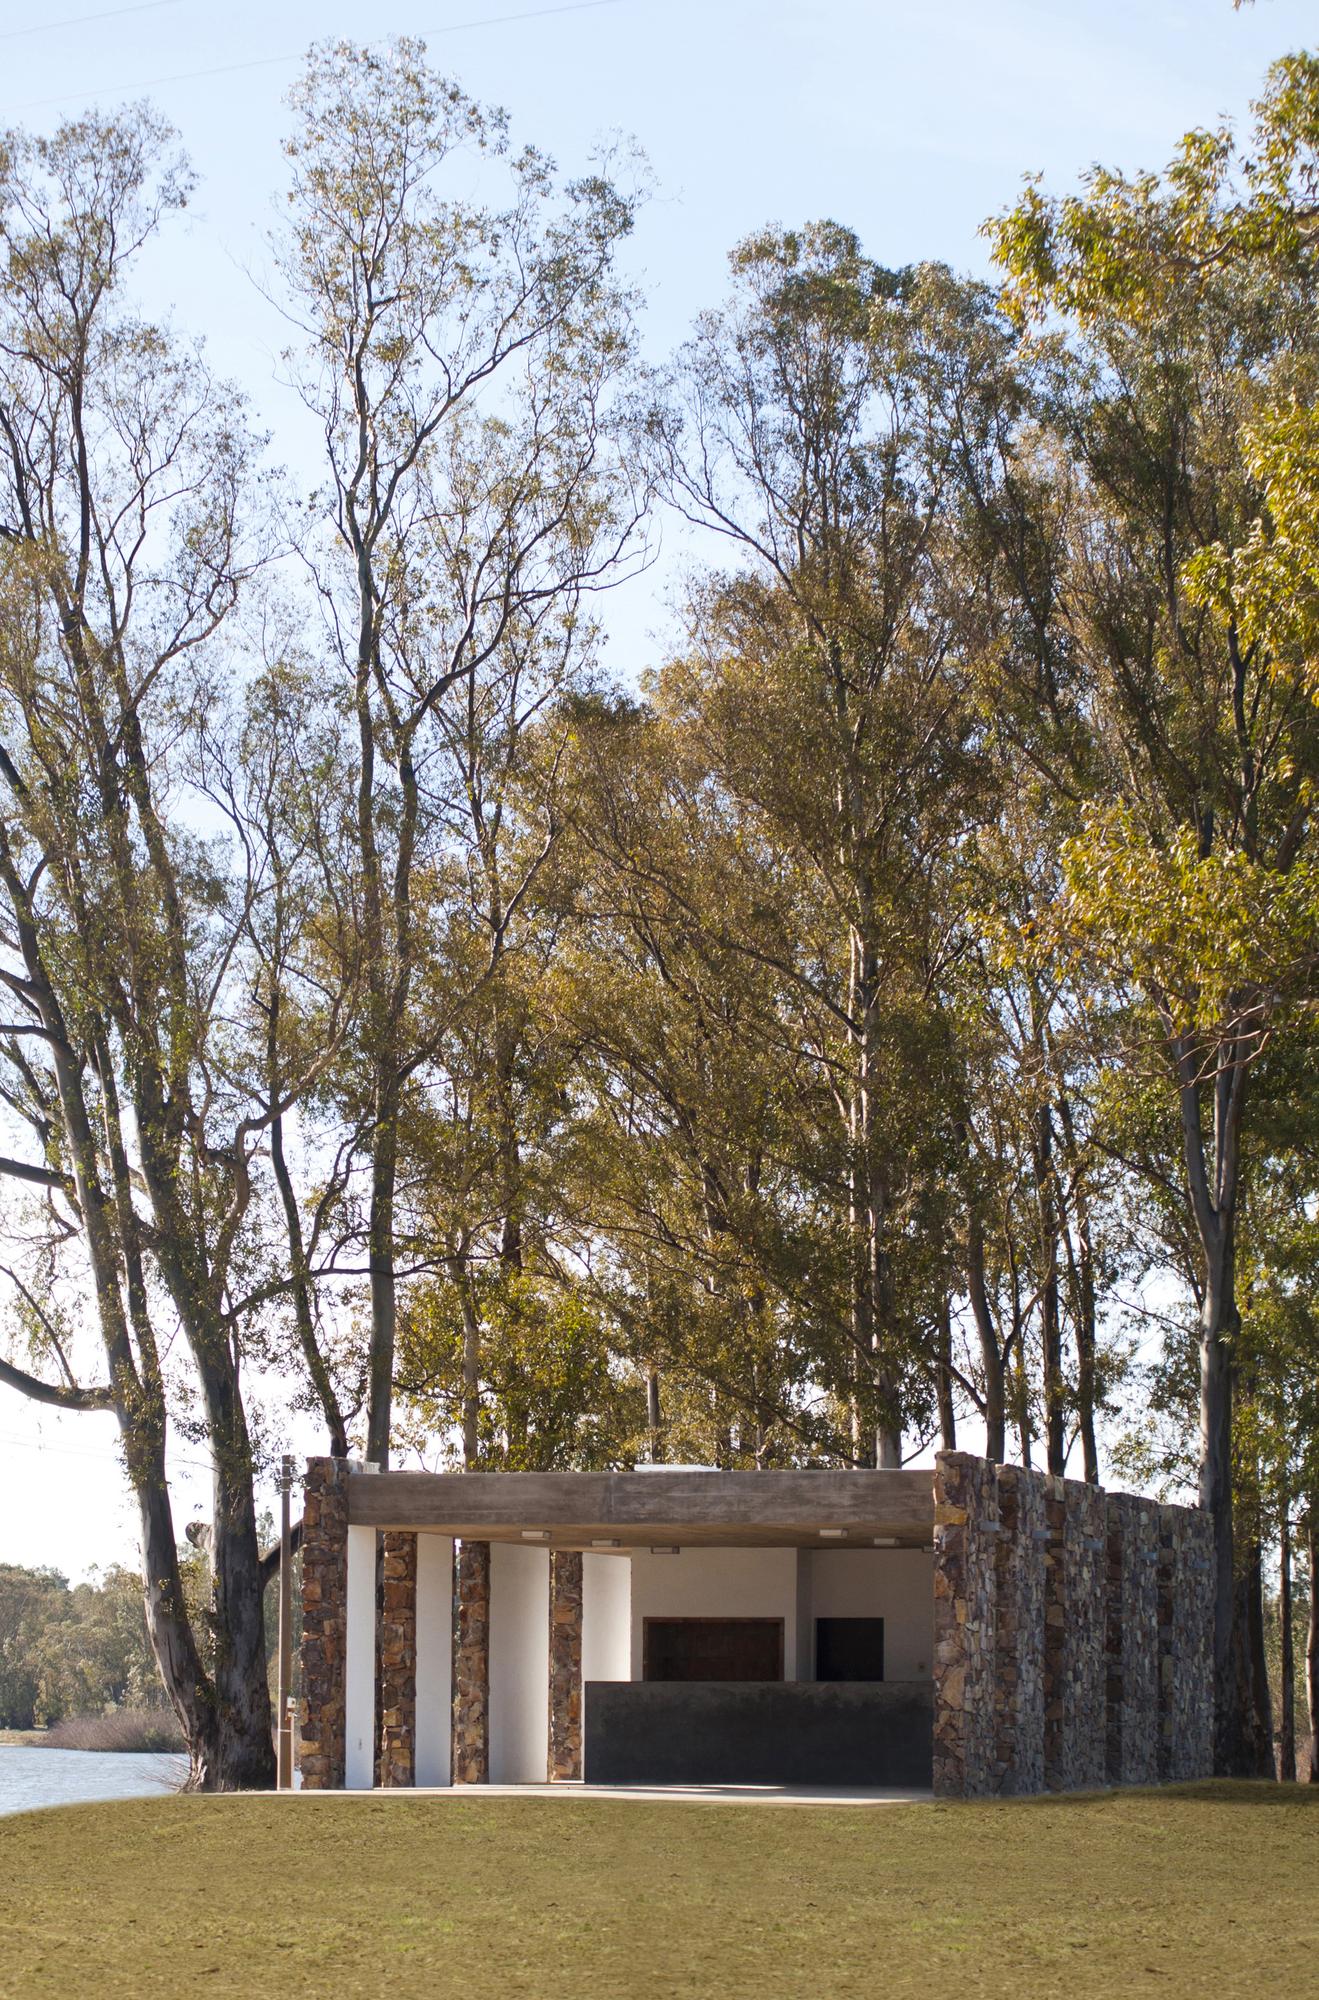 Outdoor Food Court In Centenario Town / Jaf Architecture + Design